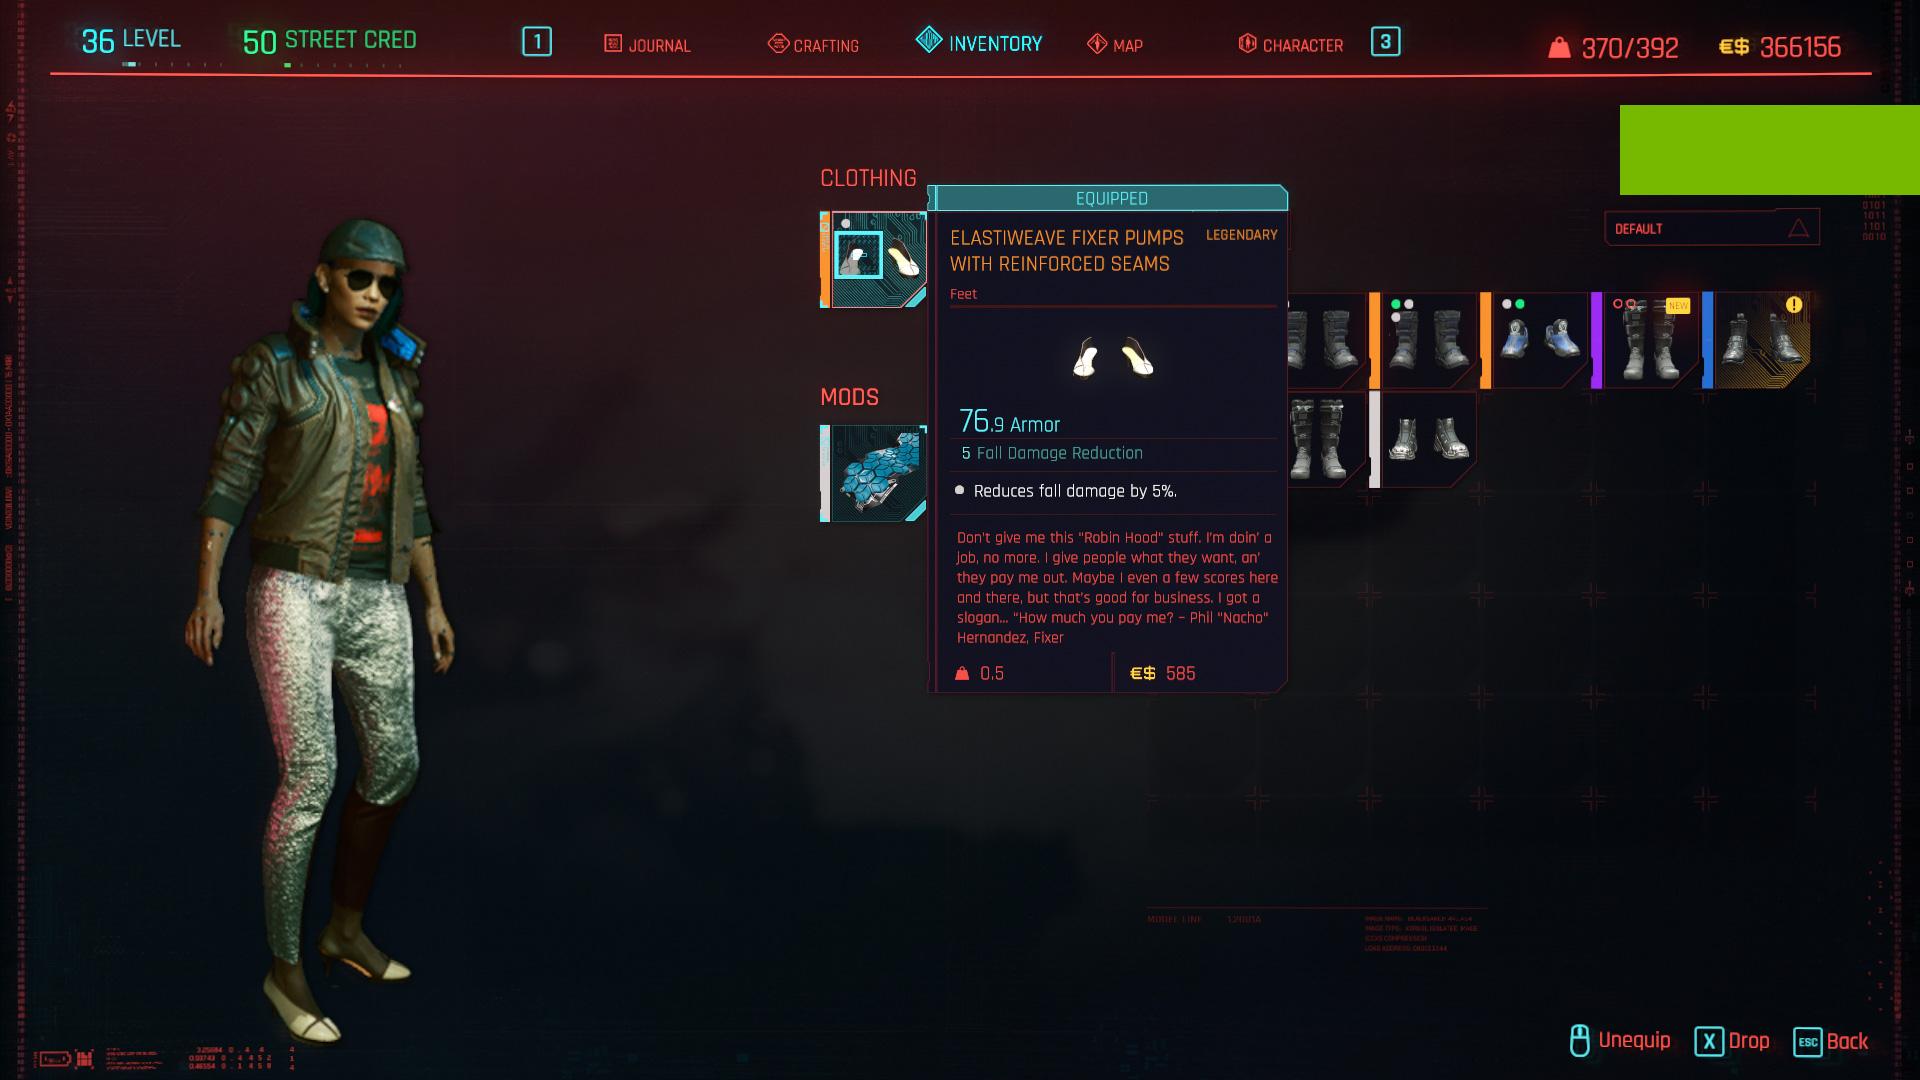 Tous les vêtements légendaires et emblématiques de Cyberpunk 2077 - Chaussures de fixation Elastiweave avec coutures renforcées